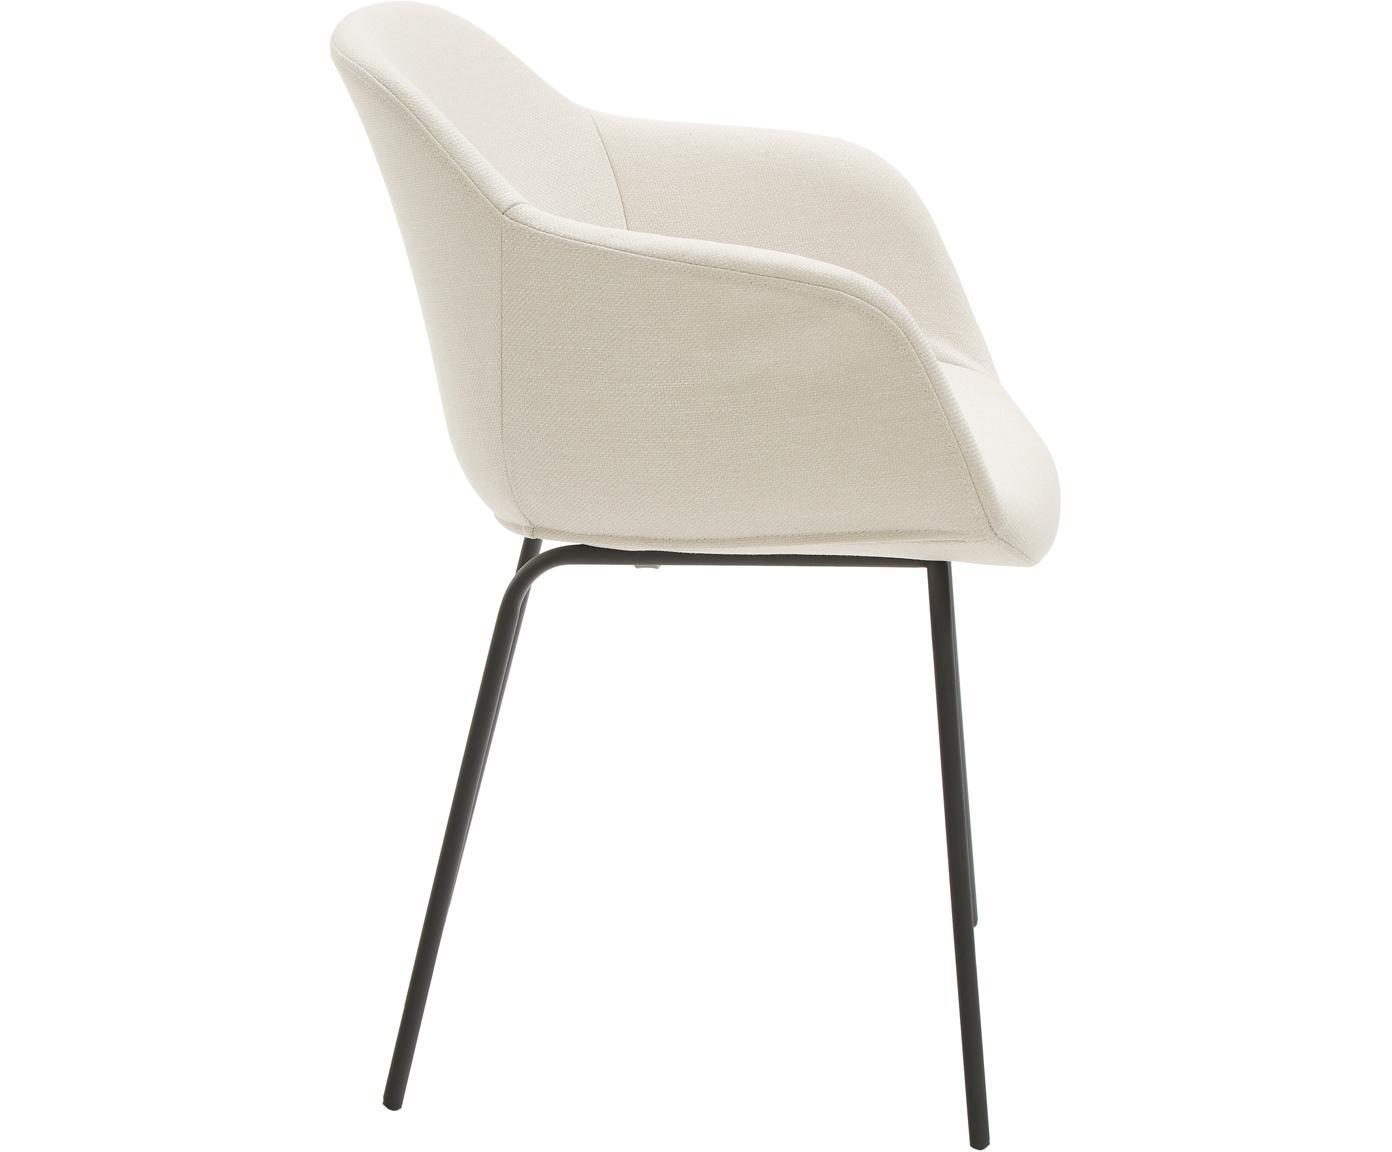 Armlehnstuhl Fiji mit Metallbeinen, Bezug: Polyester 40.000 scheuert, Beine: Metall, pulverbeschichtet, Sitzschale: Cremeweiß Beine: Schwarz, matt, B 58 x T 56 cm